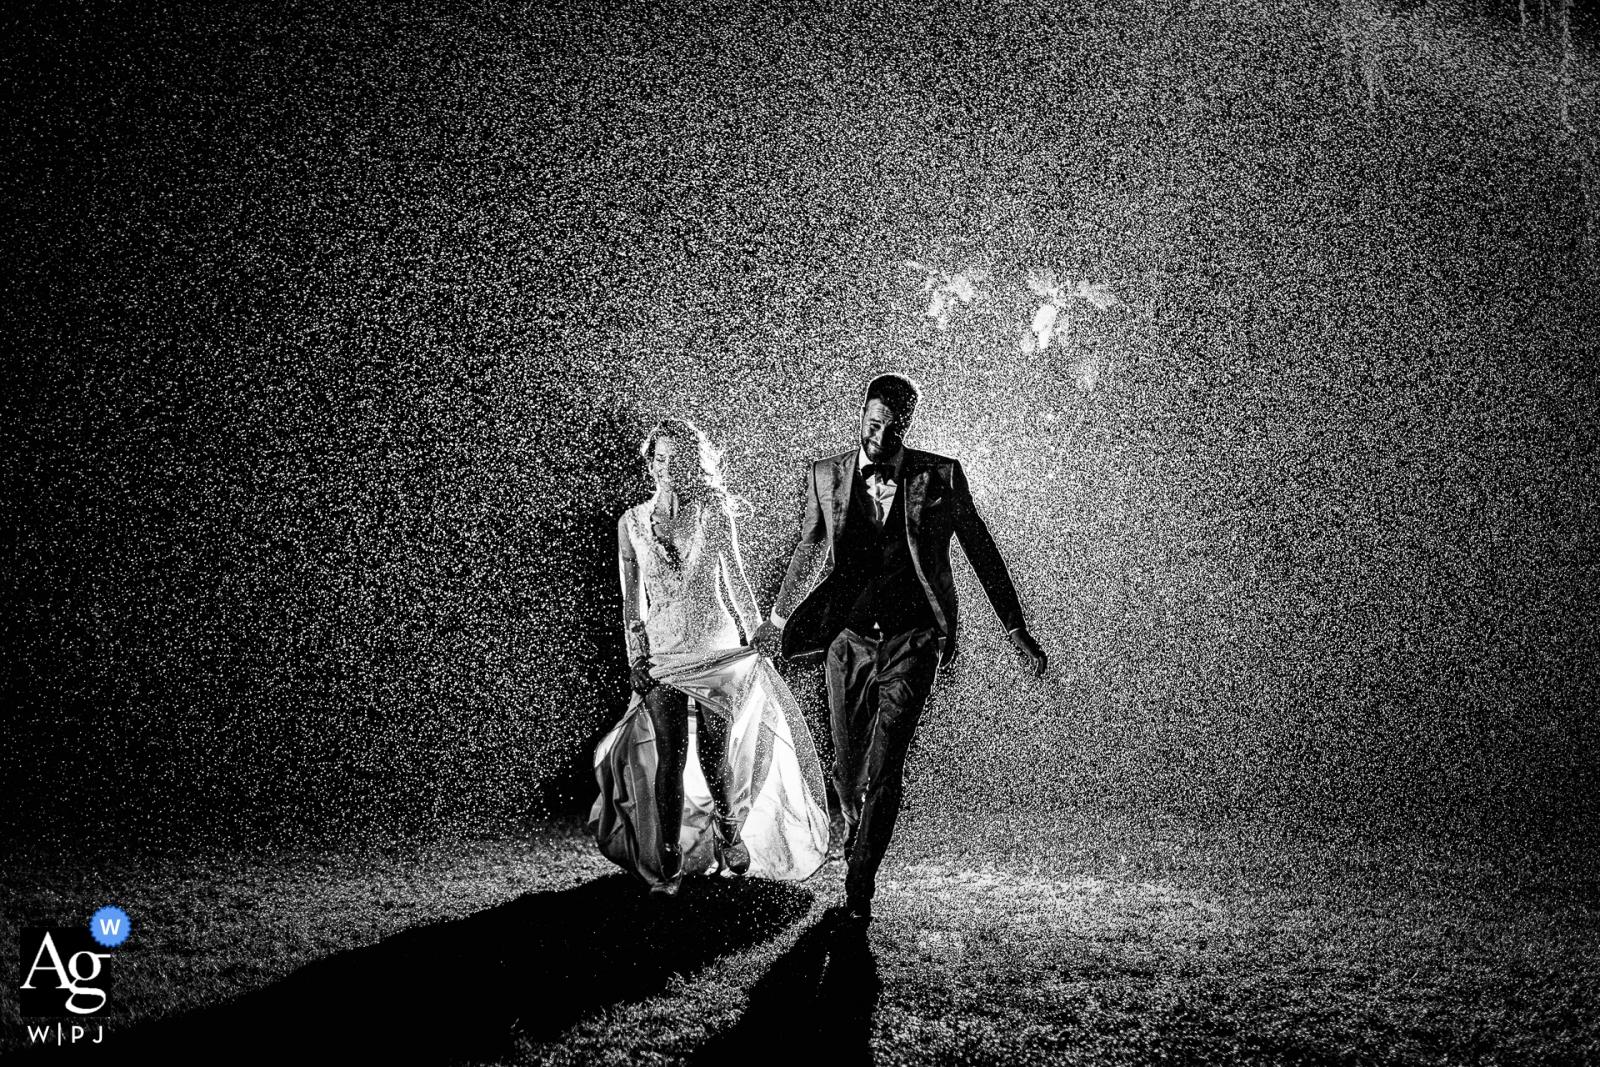 Schwarzweiss-Bild Tenuta di Polline der Braut und des Bräutigams, die durch den Regen laufen